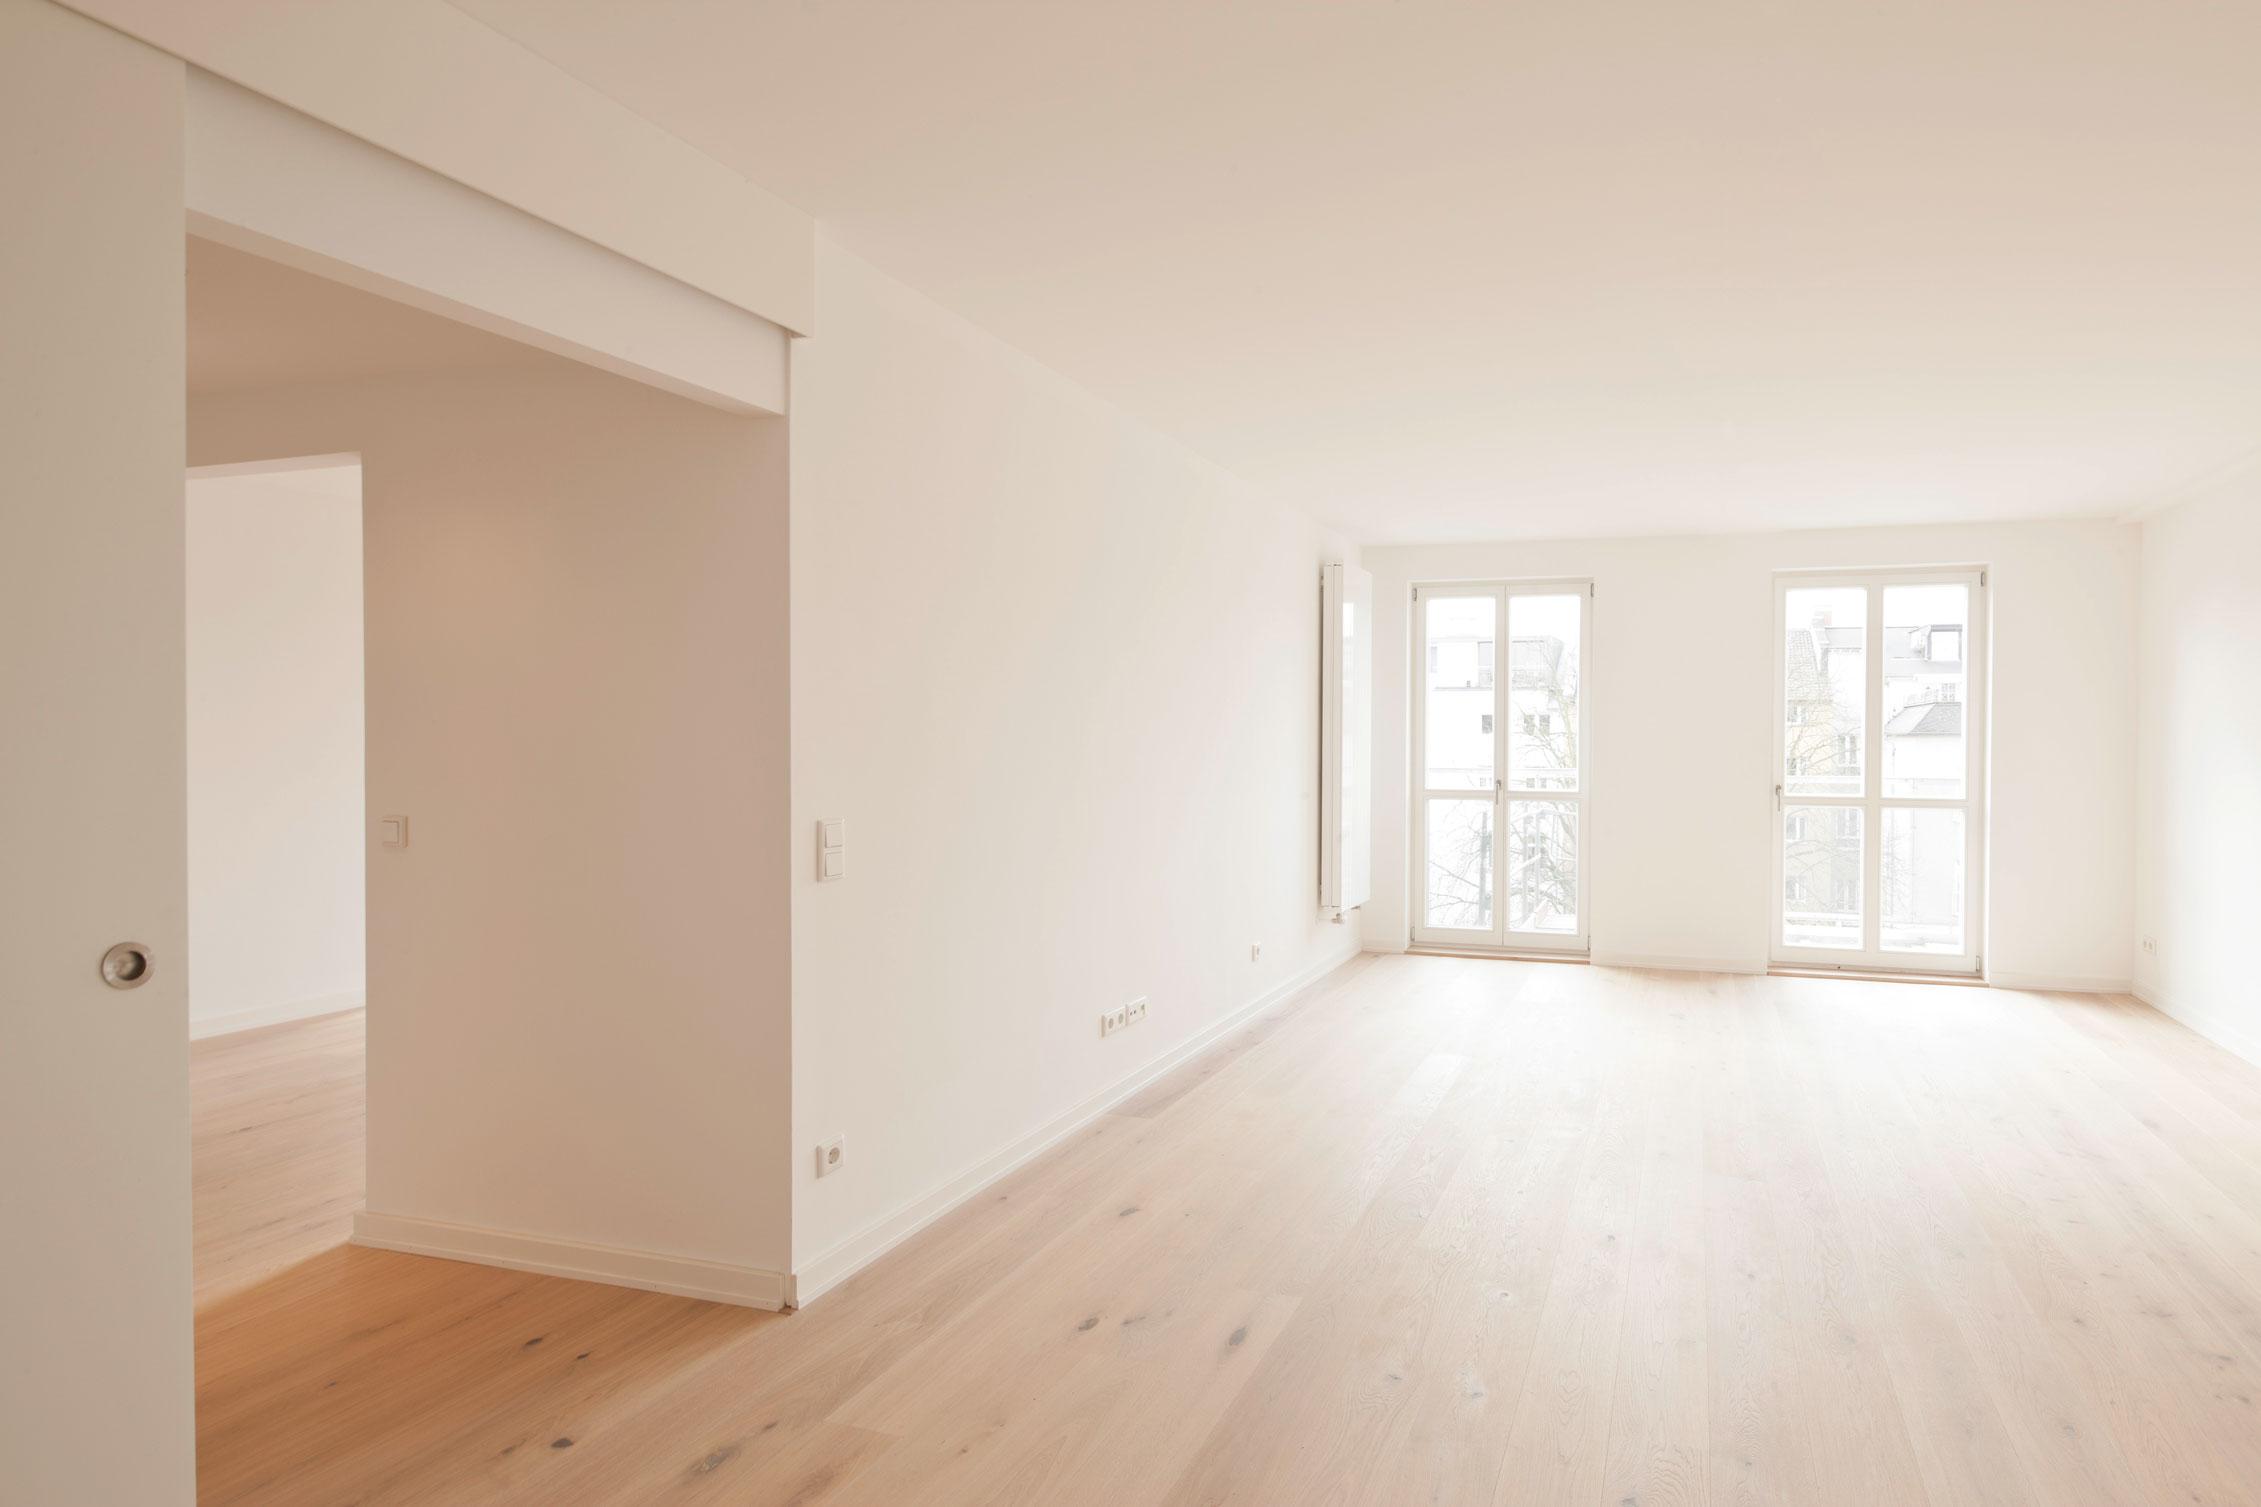 Nachhaltige Aufstockung Wohnraum